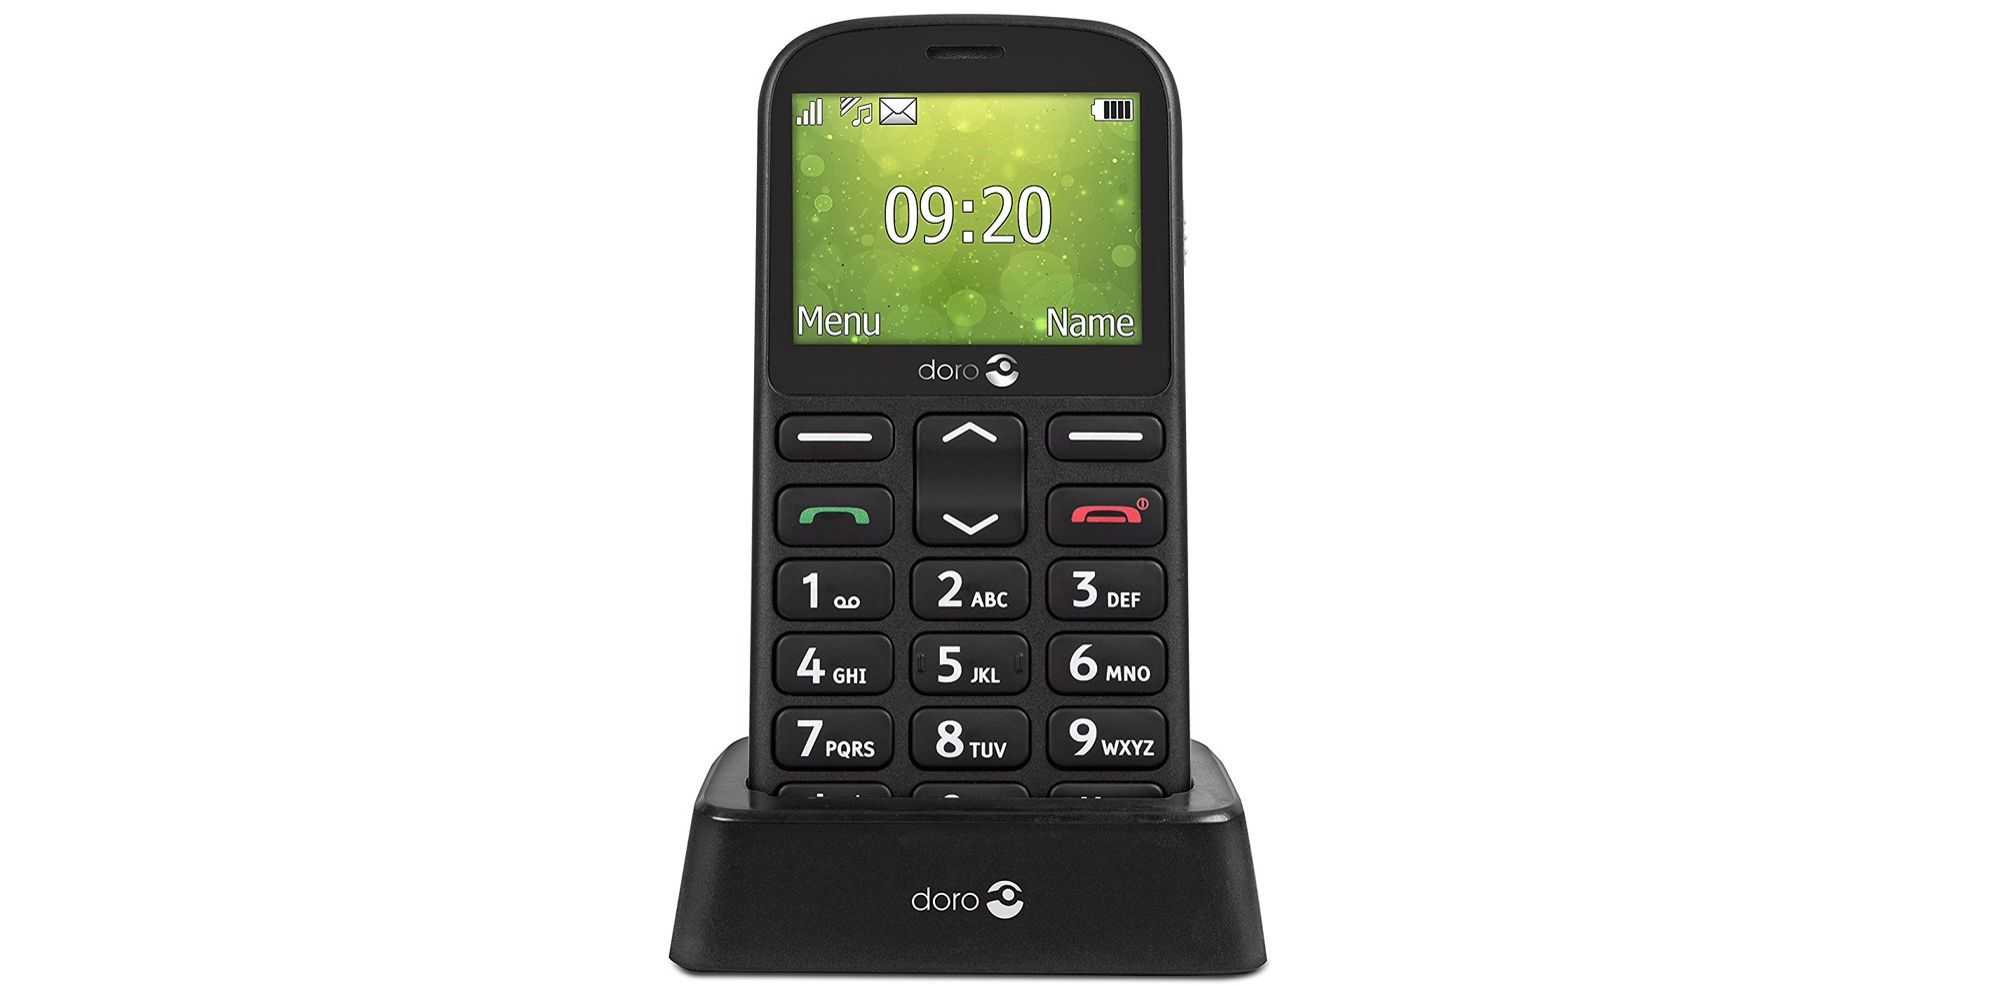 Comparatif de téléphones portables pour seniors 314954959ab9